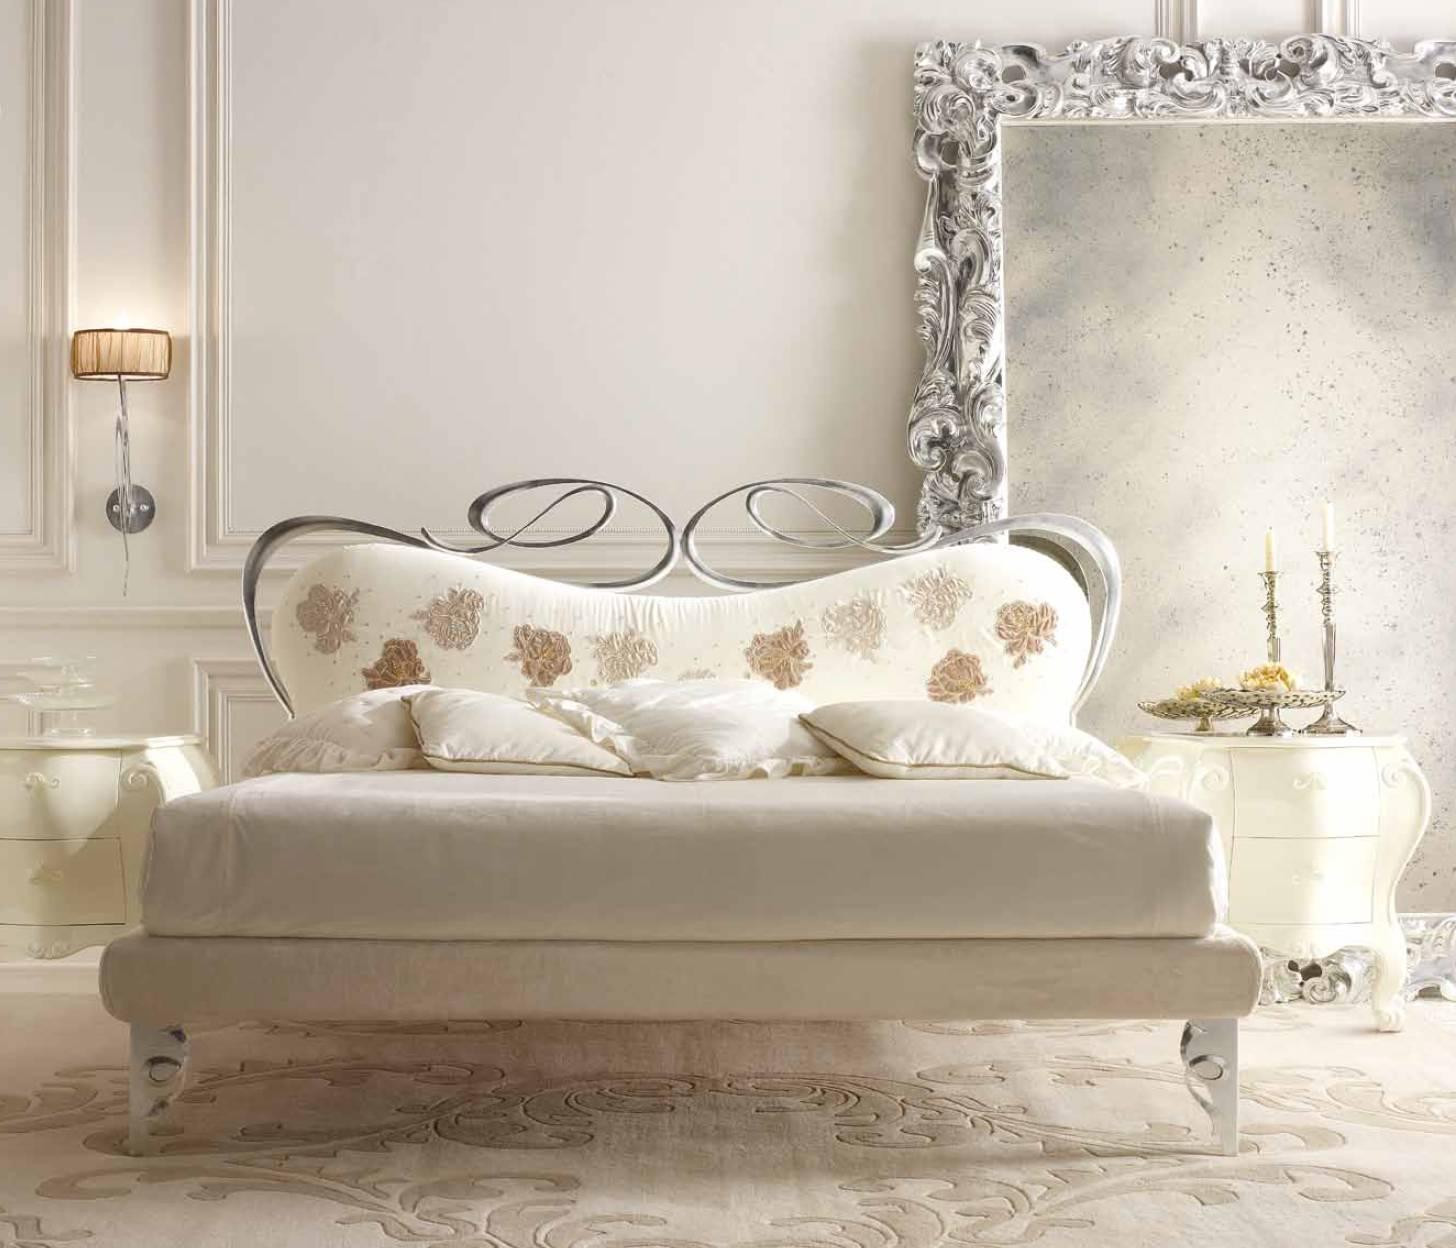 Casa immobiliare accessori tosconova letti - Giusti portos camere da letto ...